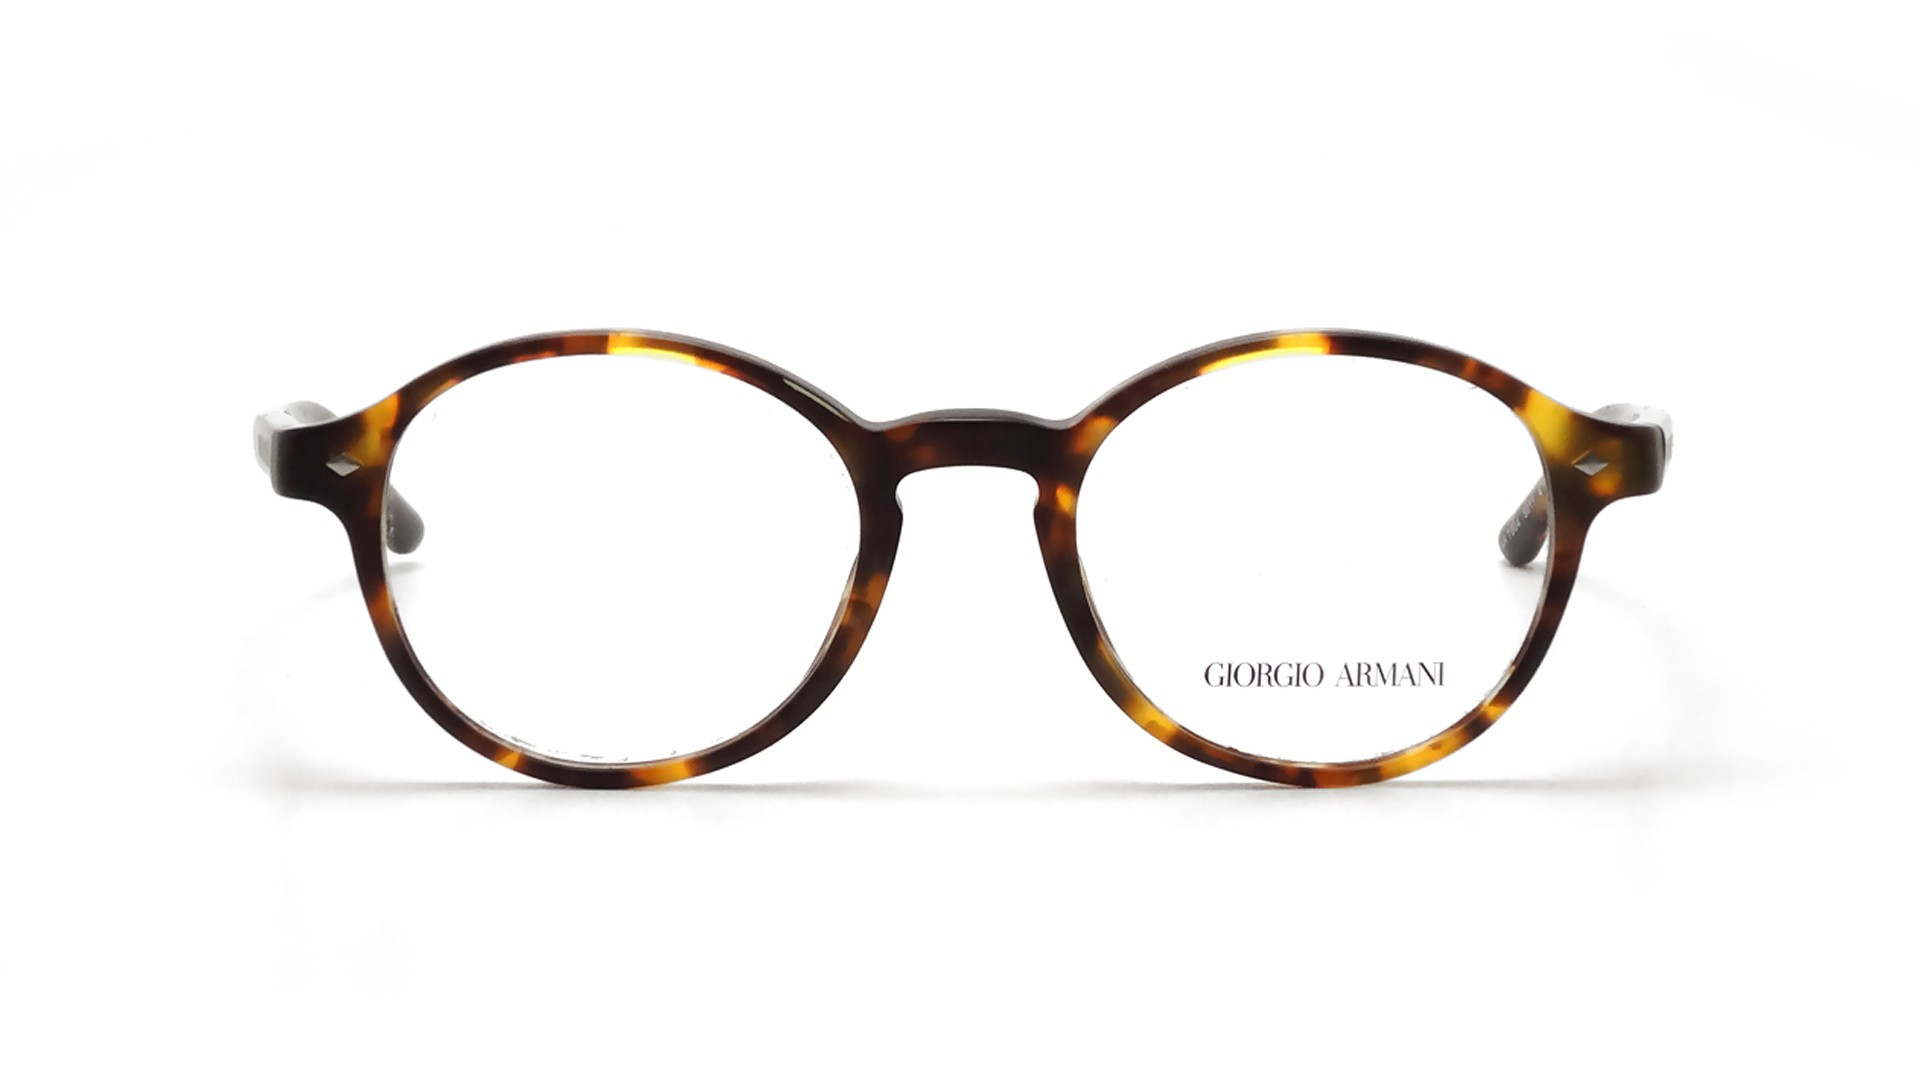 Lunettes de vue Giorgio Armani Frames of Life Écaille AR7004 5011 49-19  Medium fc7c44ddfb68